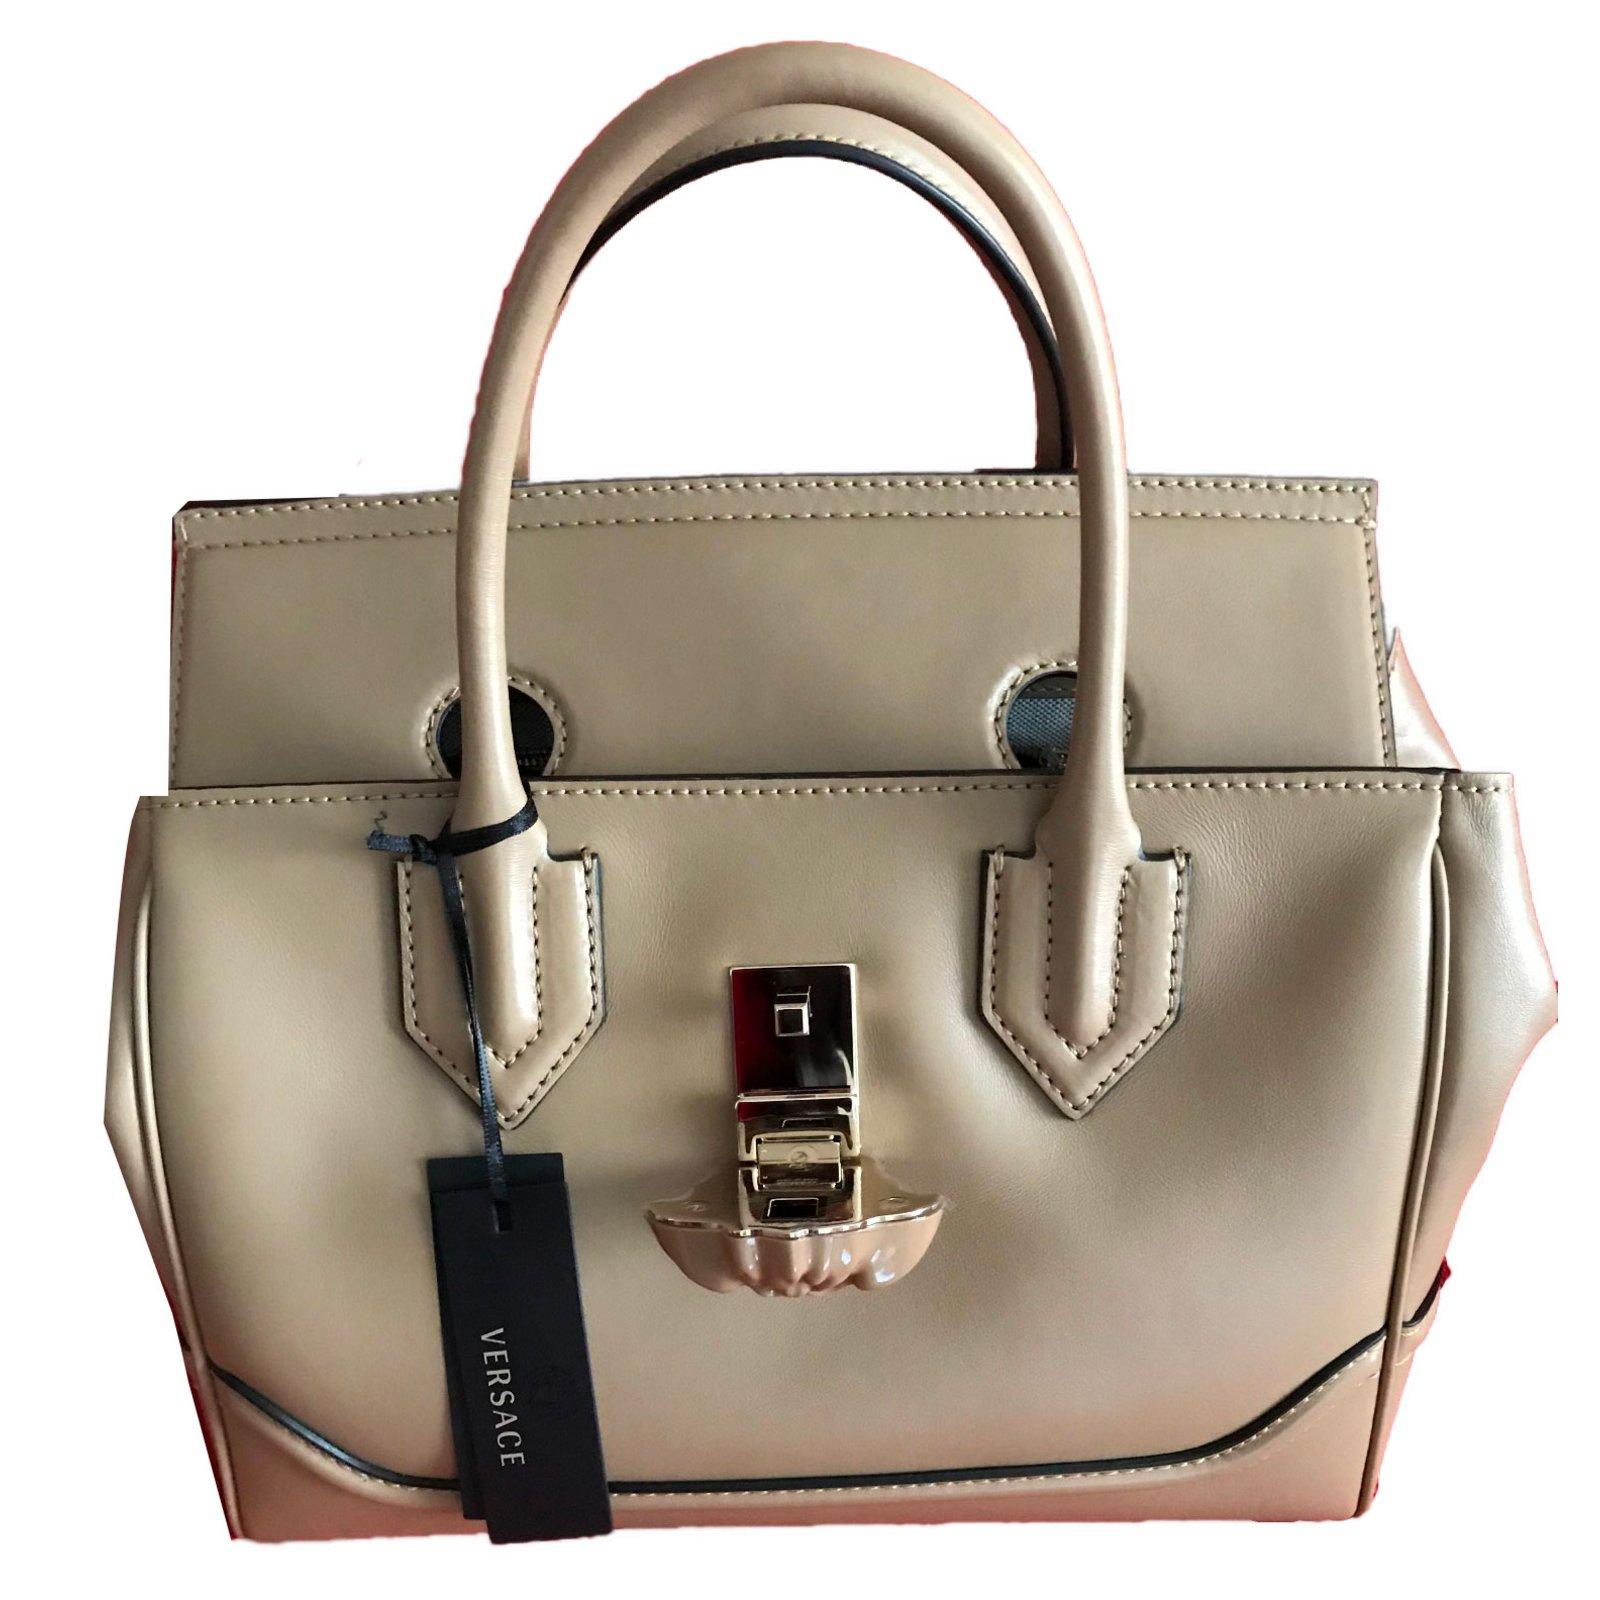 39c4798bc1 Versace Palazzo Empire Bag Large